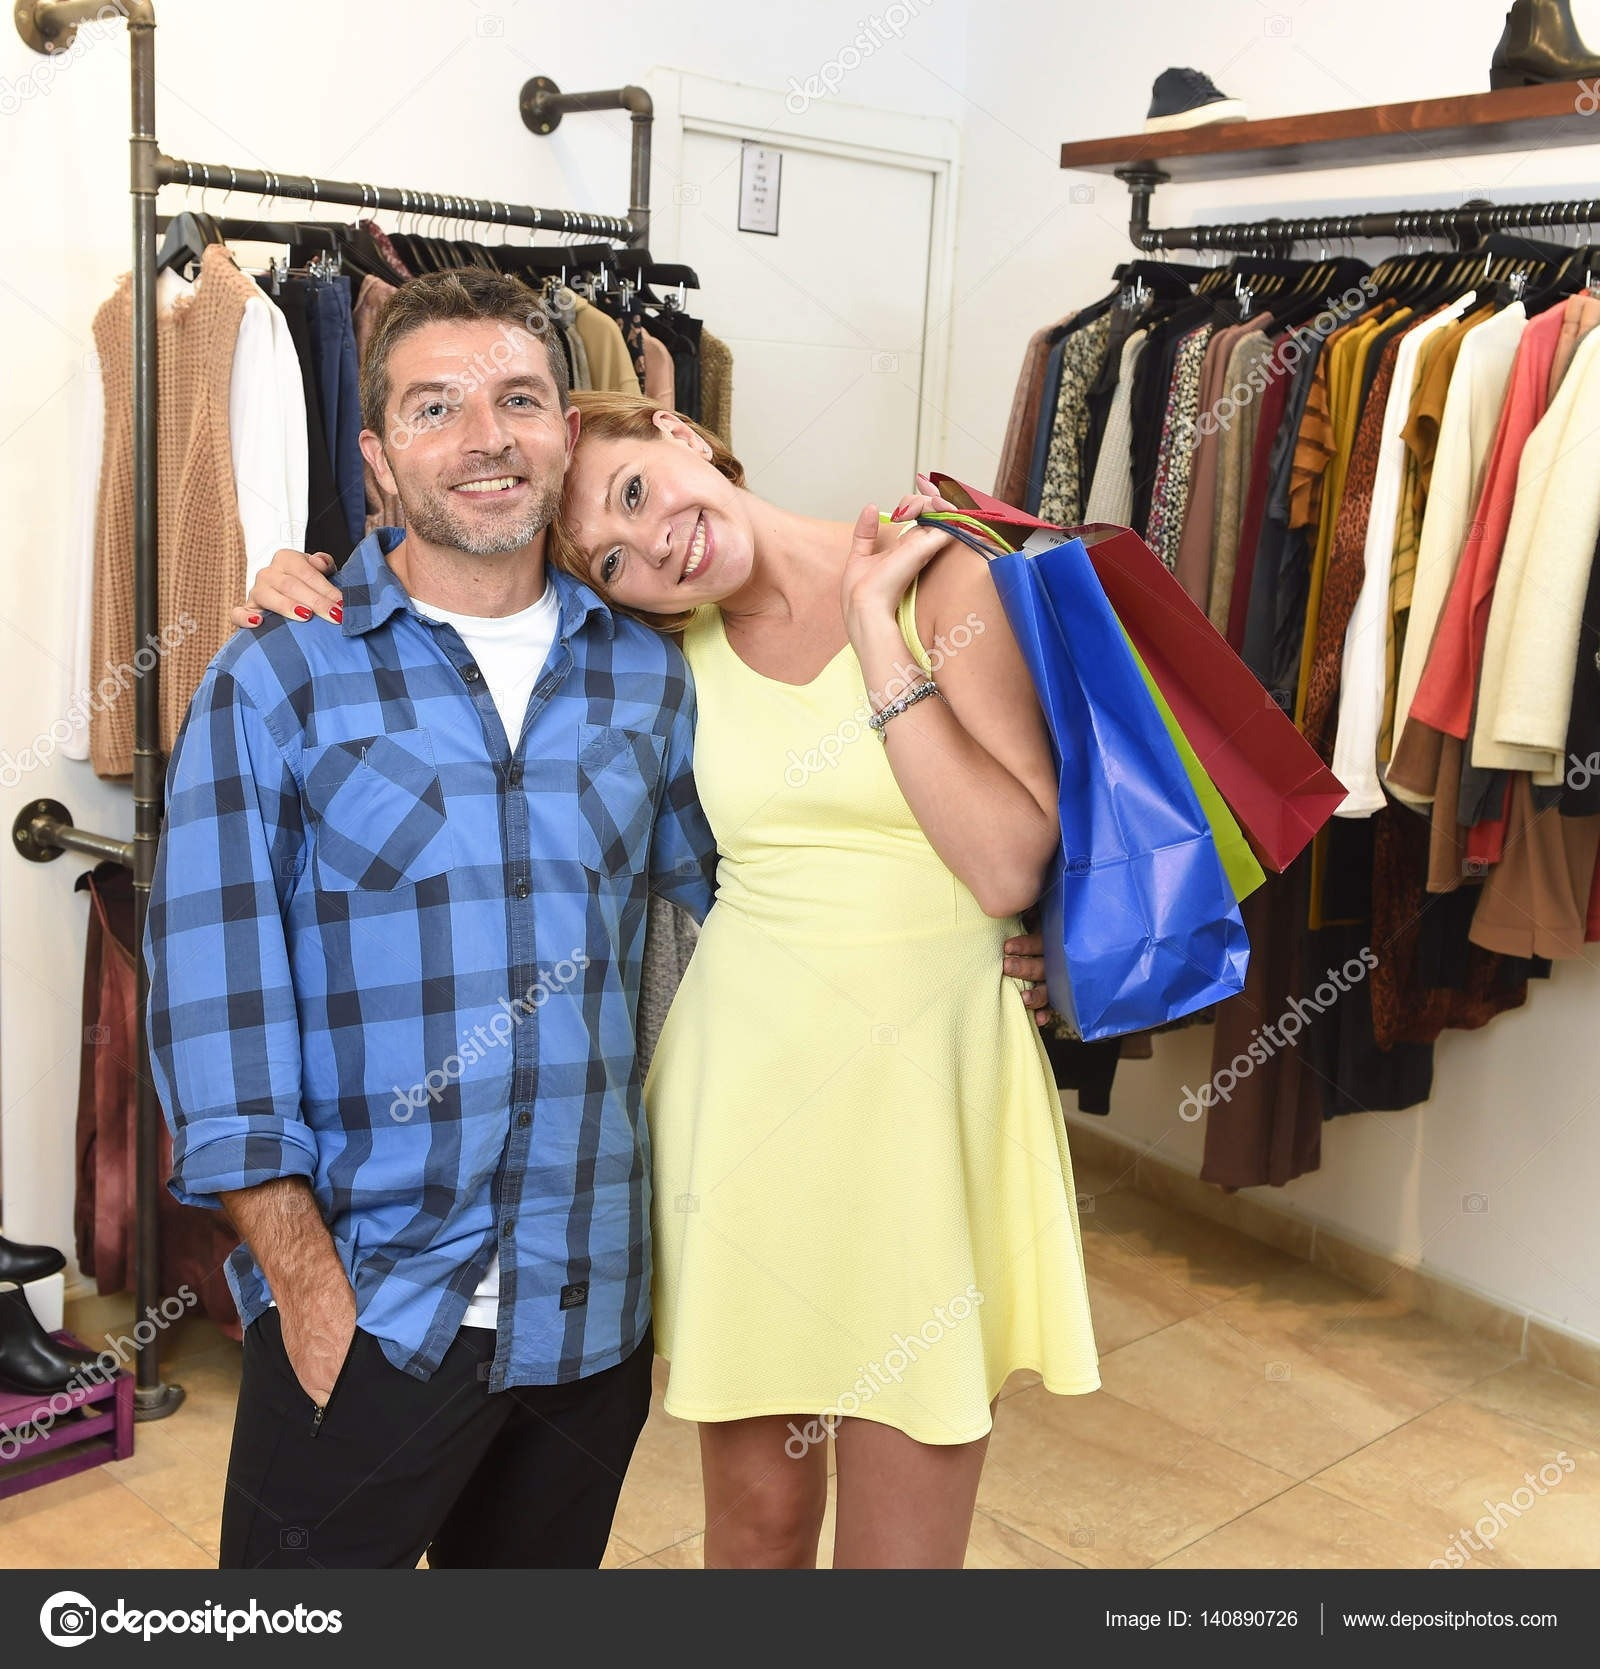 20 Schön Einkaufen Kleidung Bester Preis Einfach Einkaufen Kleidung Bester Preis